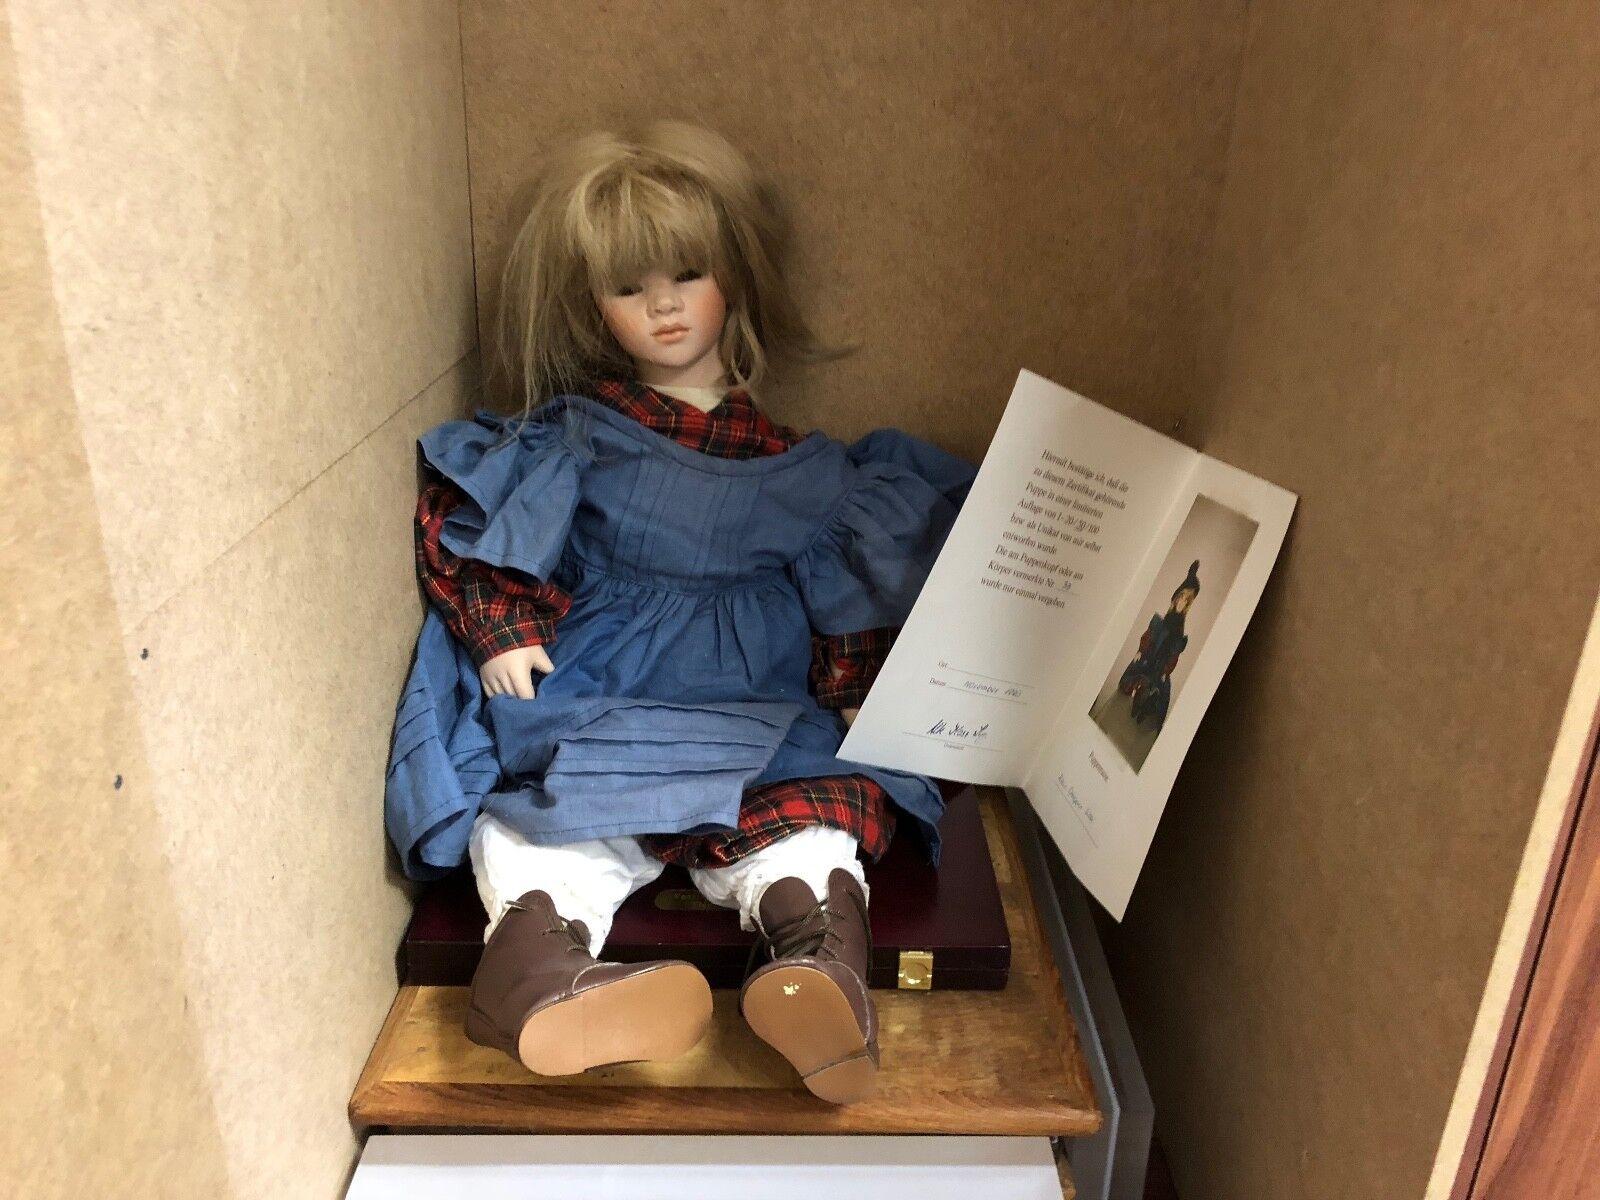 Ute Kase Lepp Porzellan Puppe 58 cm. Top Zustand  | Gewinnen Sie hoch geschätzt